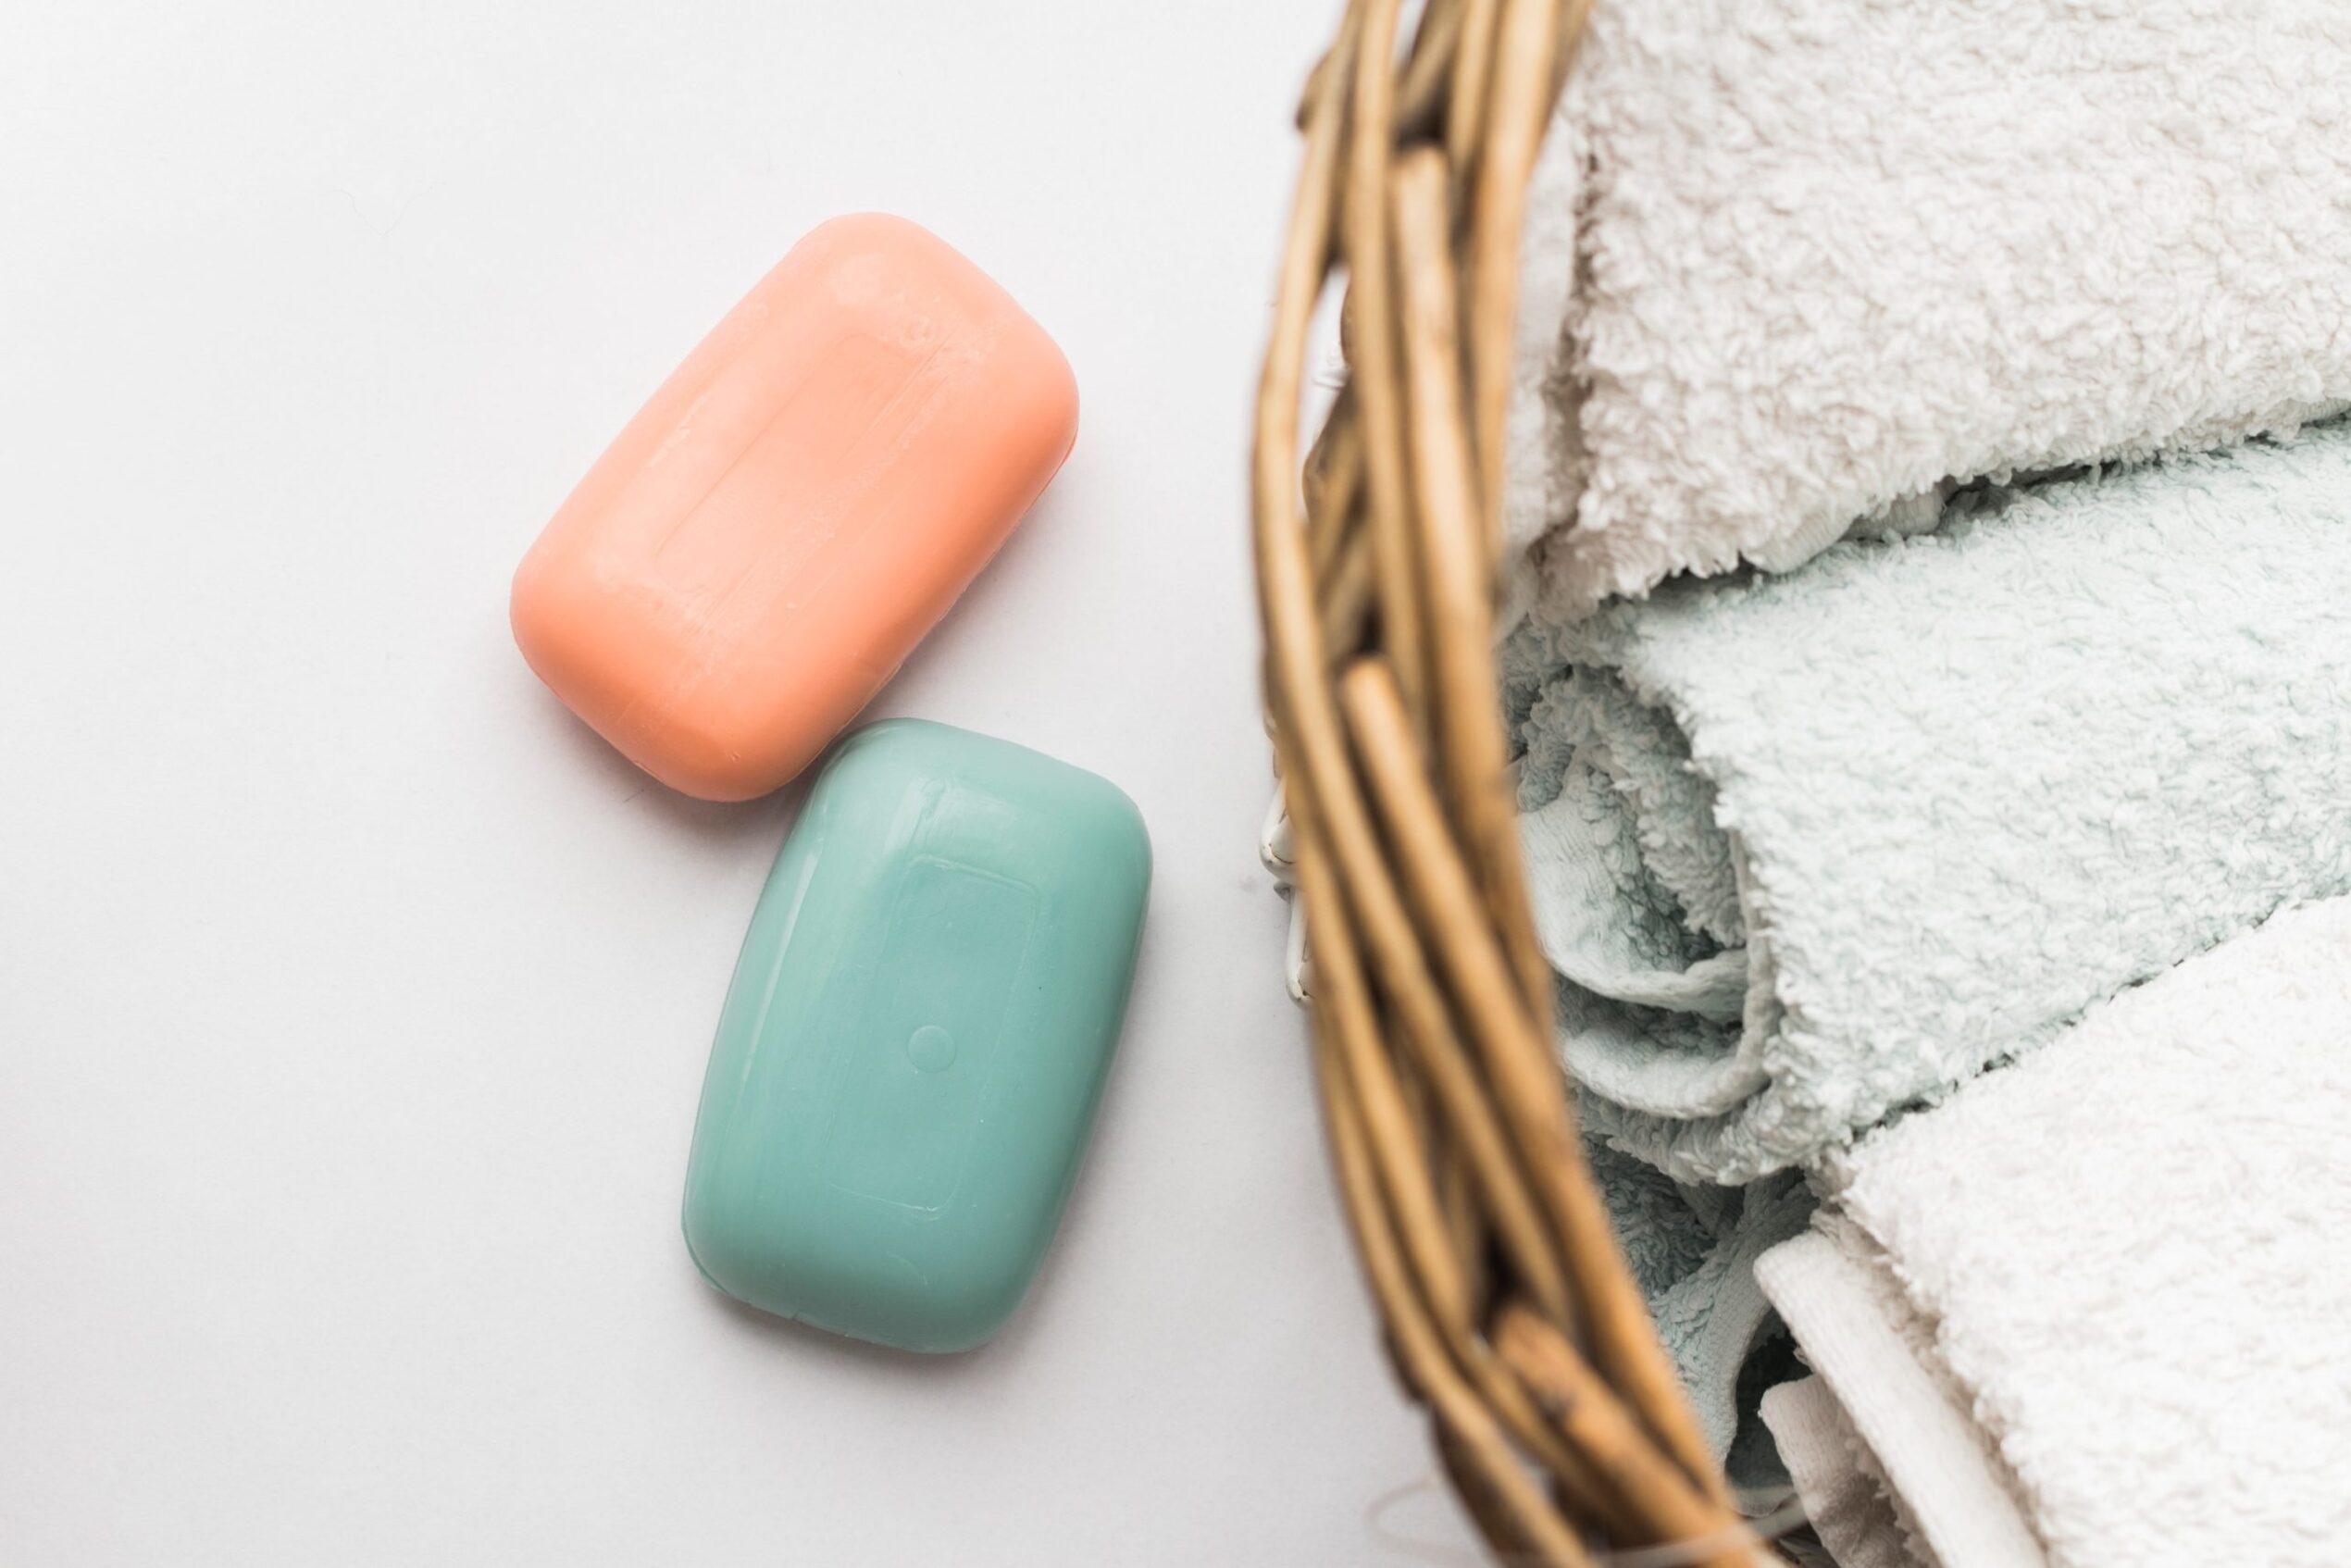 固形型の石鹸